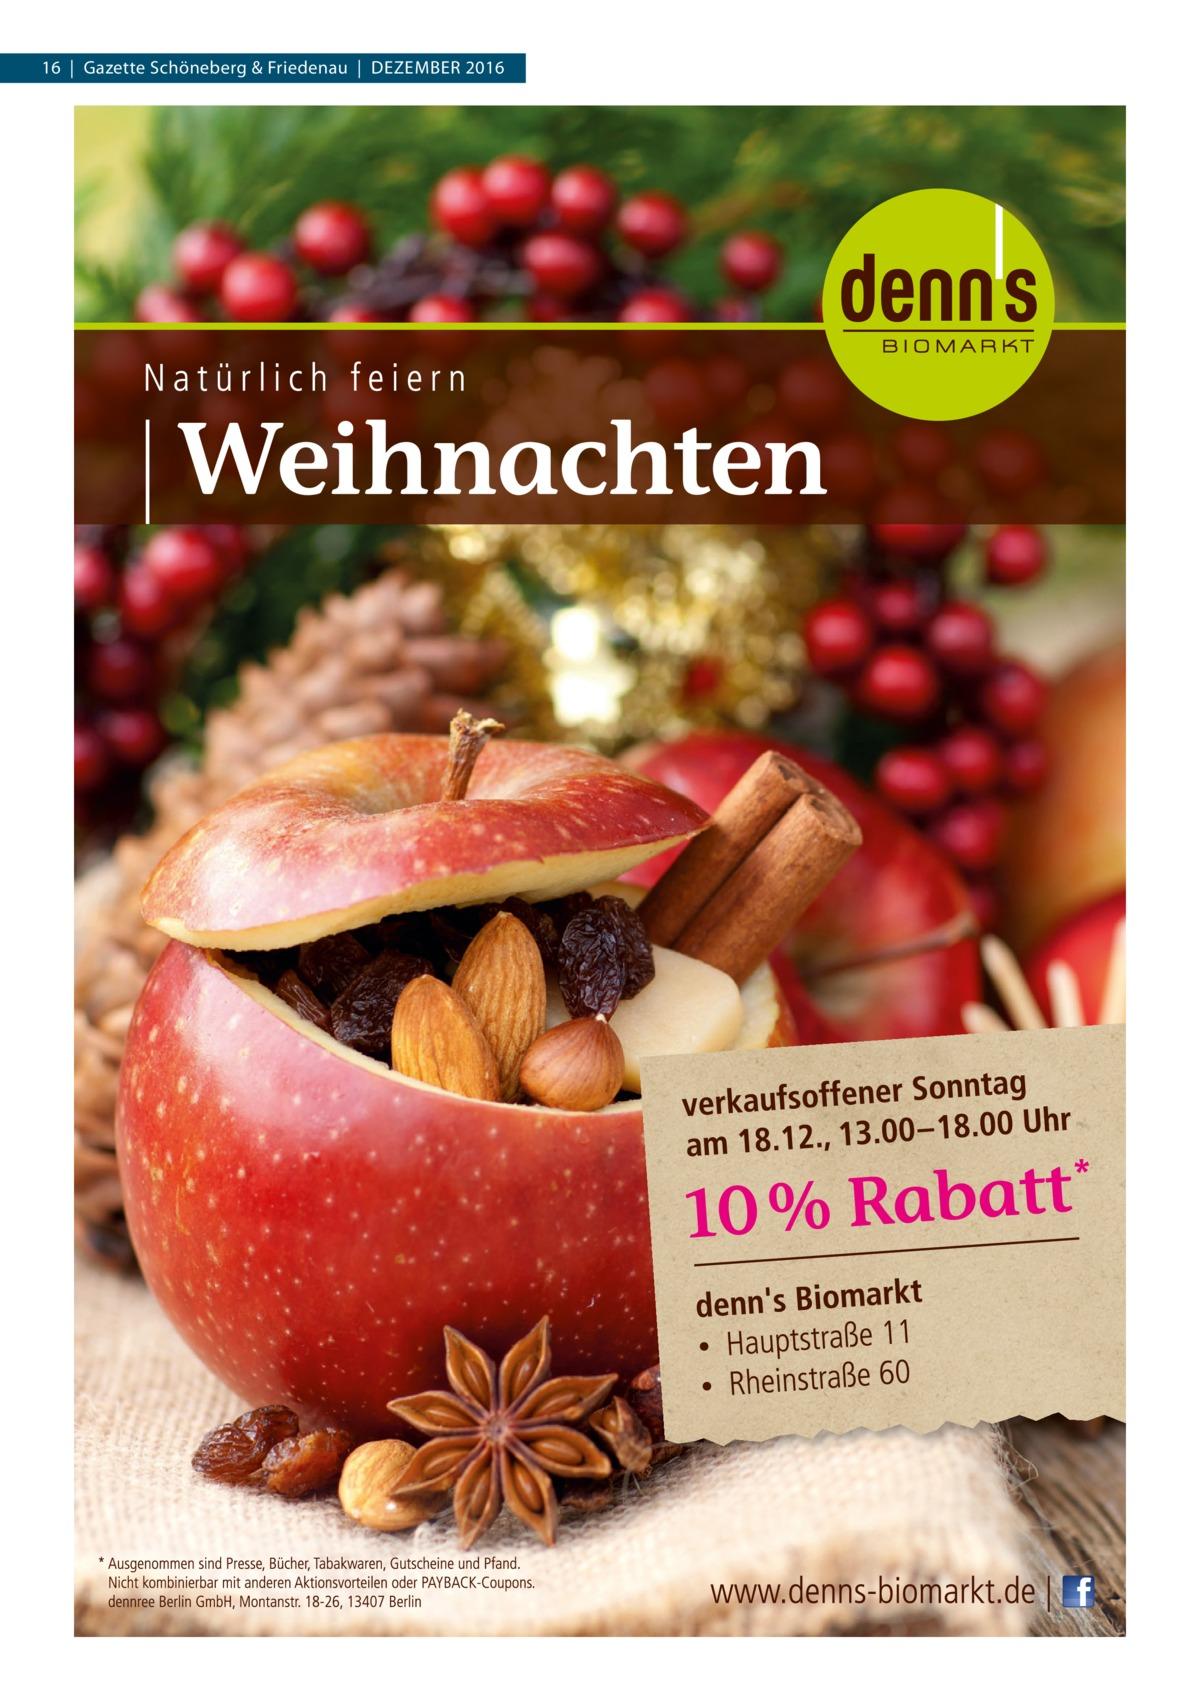 16|Gazette Schöneberg & Friedenau|Dezember 2016